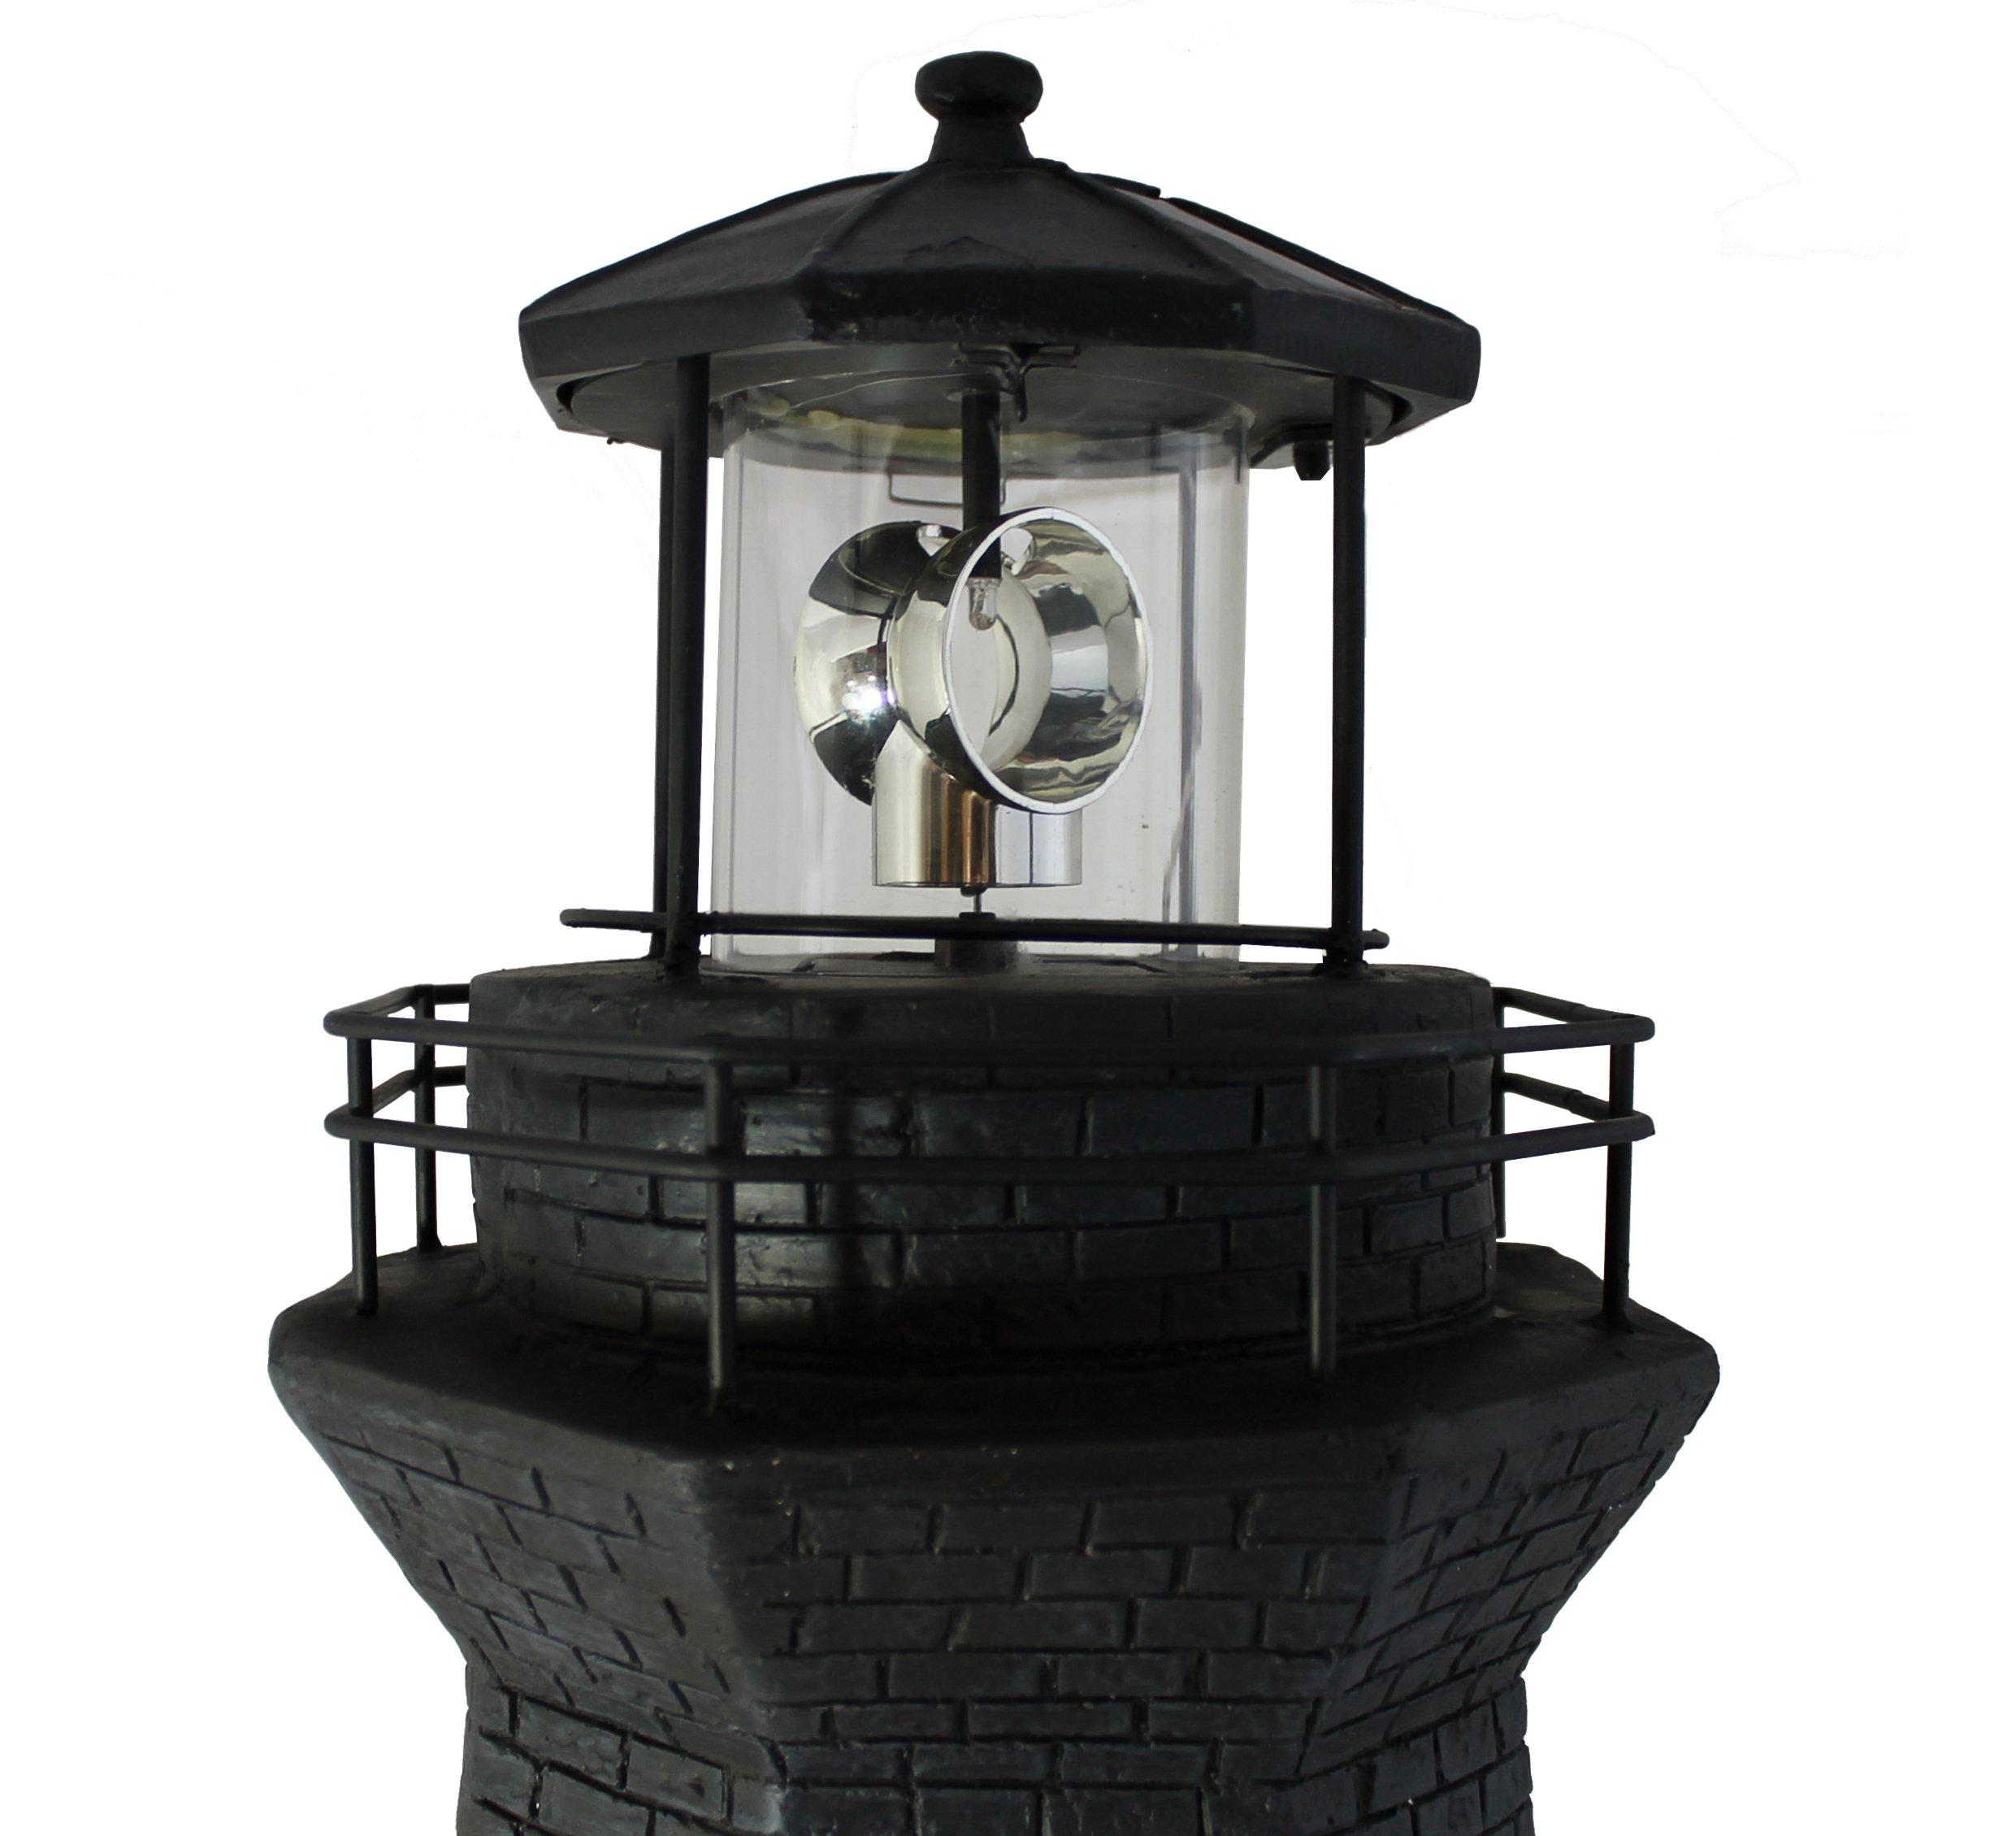 solar leuchtturm gro 76 cm schwarz wei dekoration f r den garten am teich mit ebay. Black Bedroom Furniture Sets. Home Design Ideas